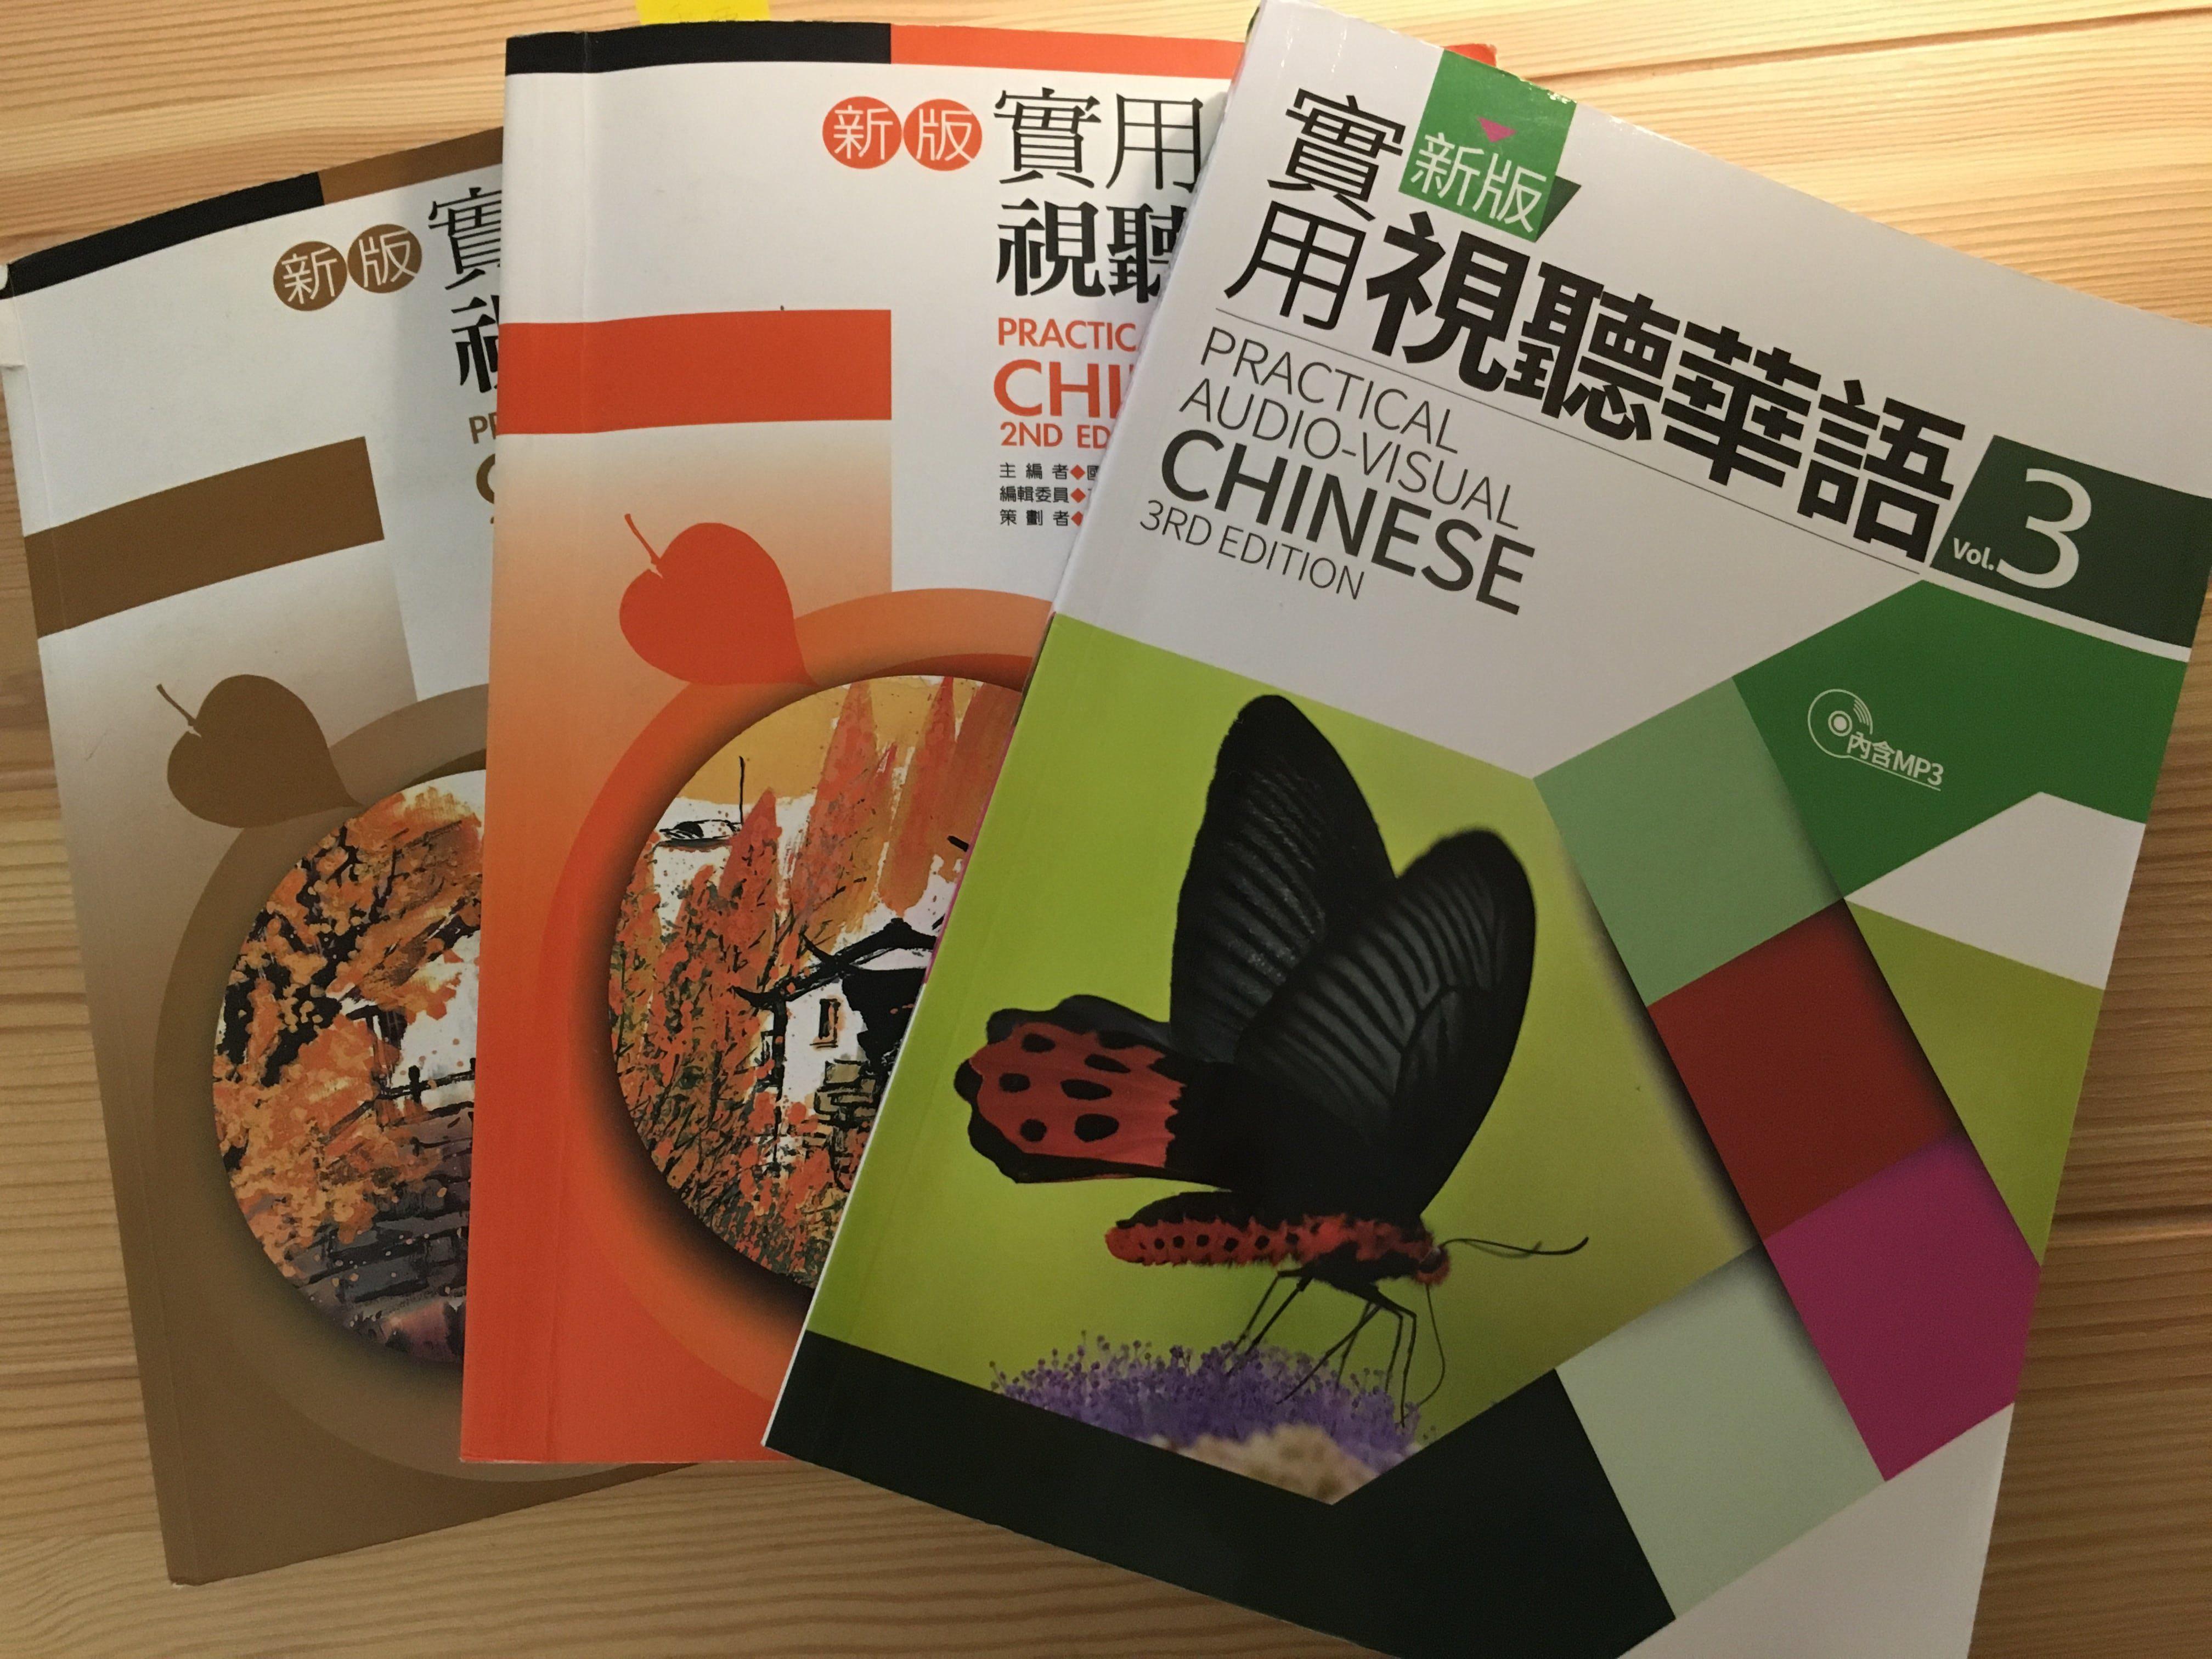 台湾 視聽華語